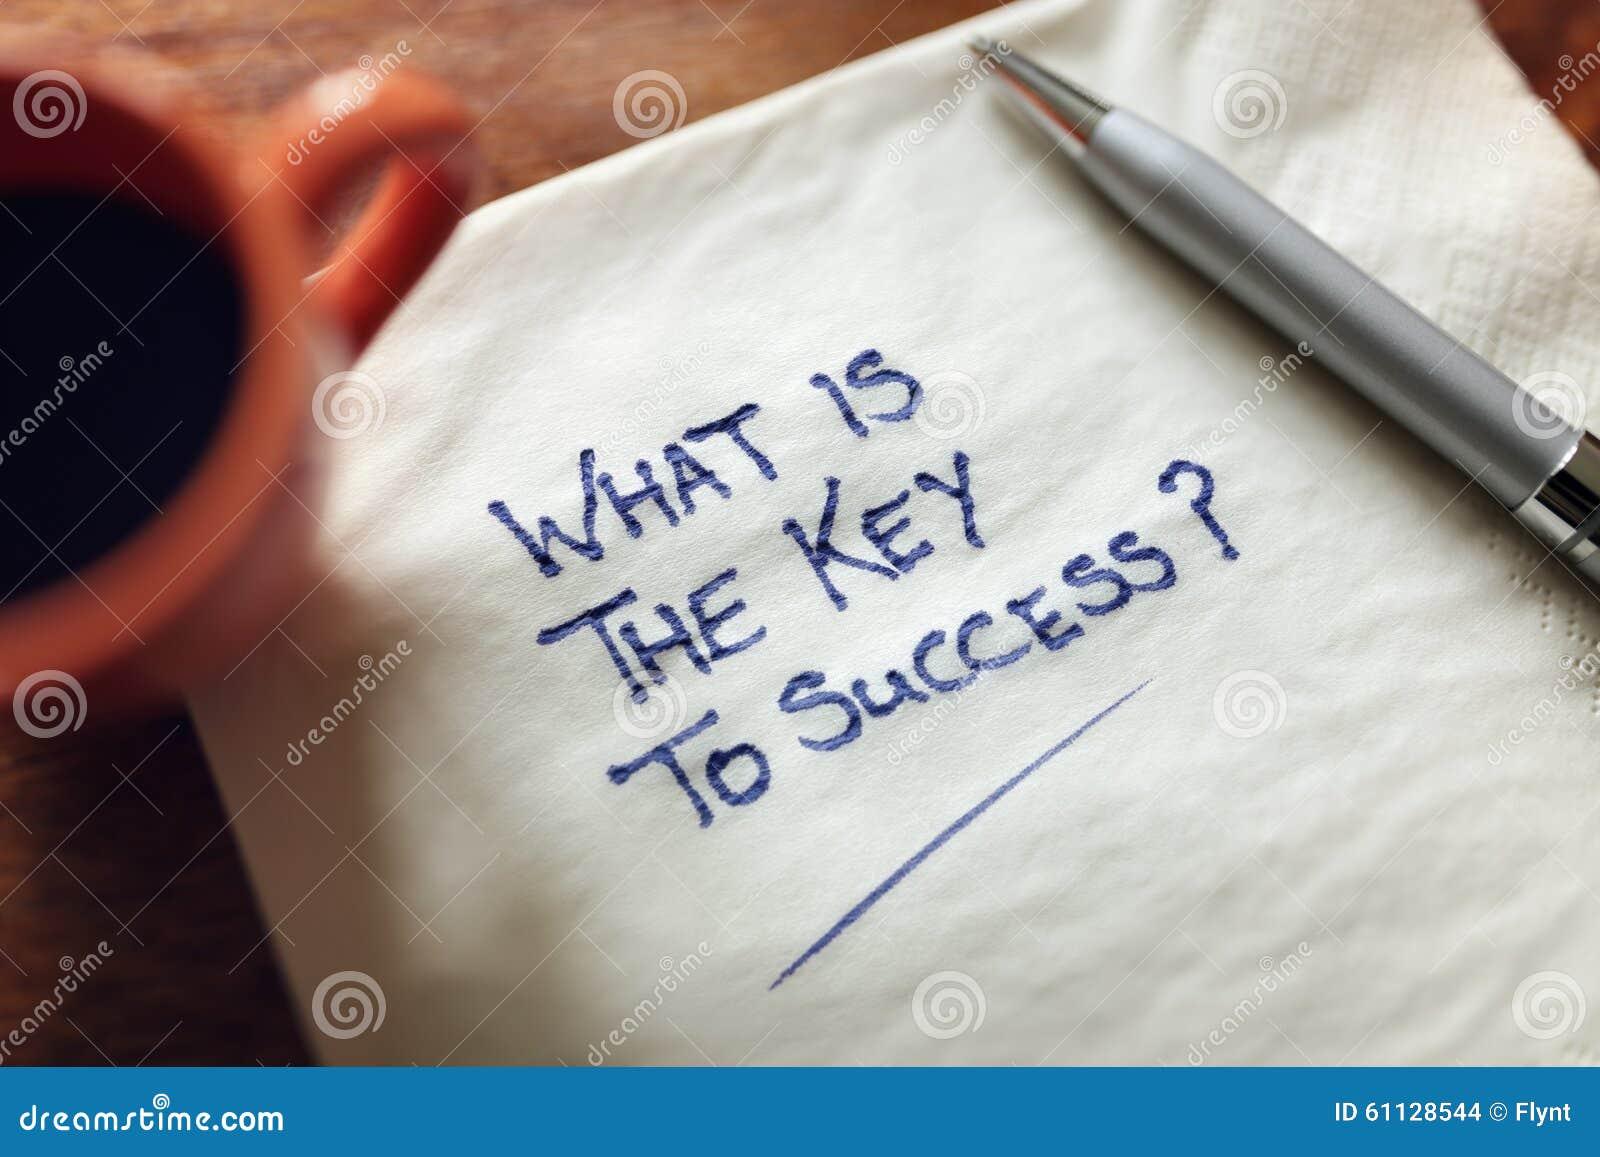 Wat de sleutel aan succes is